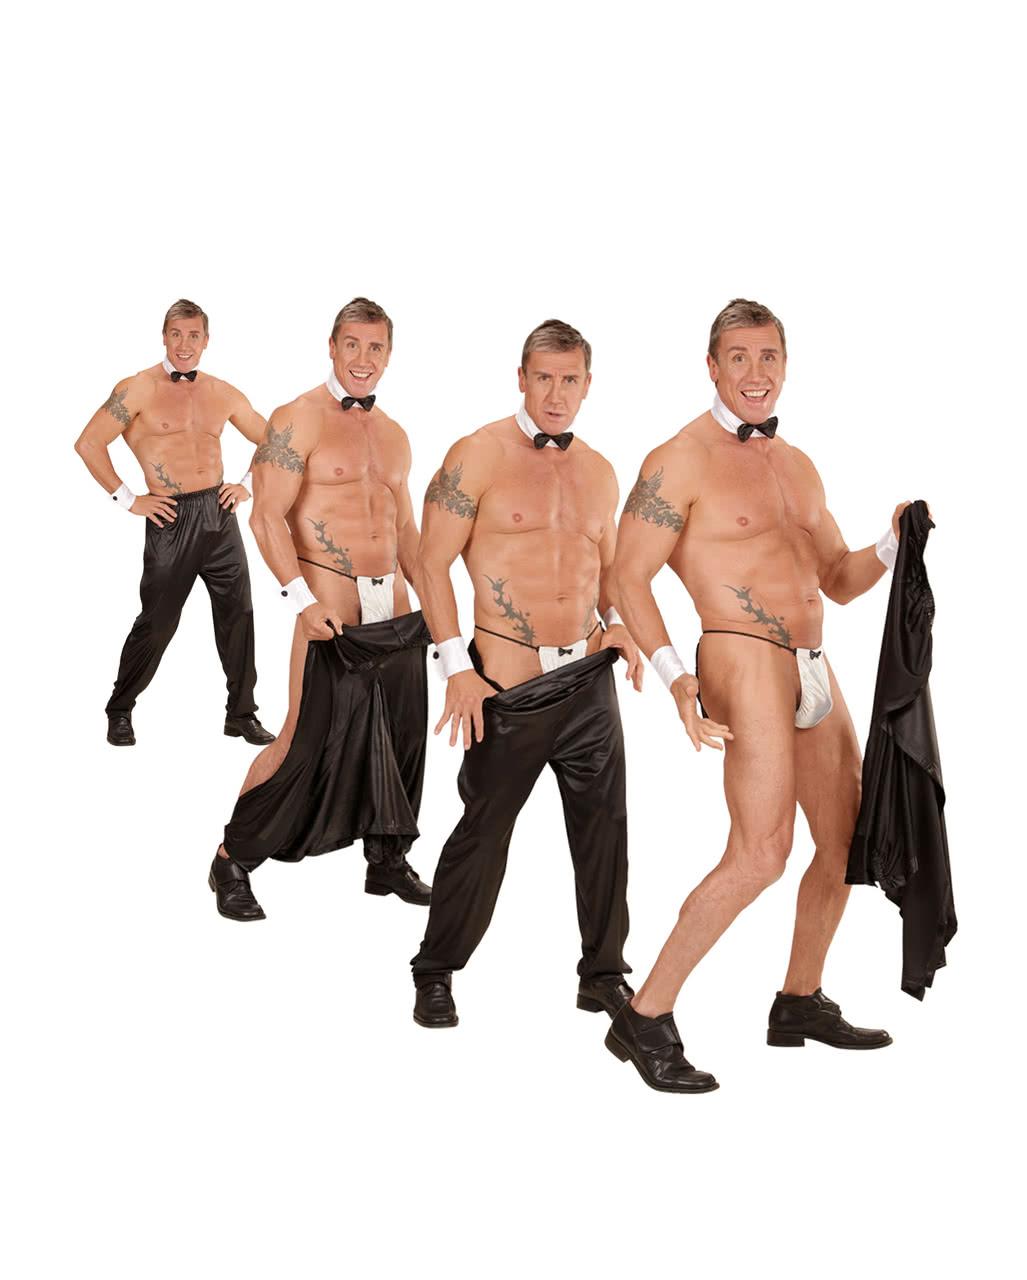 Фото снимающиеся штаны для стриптизера